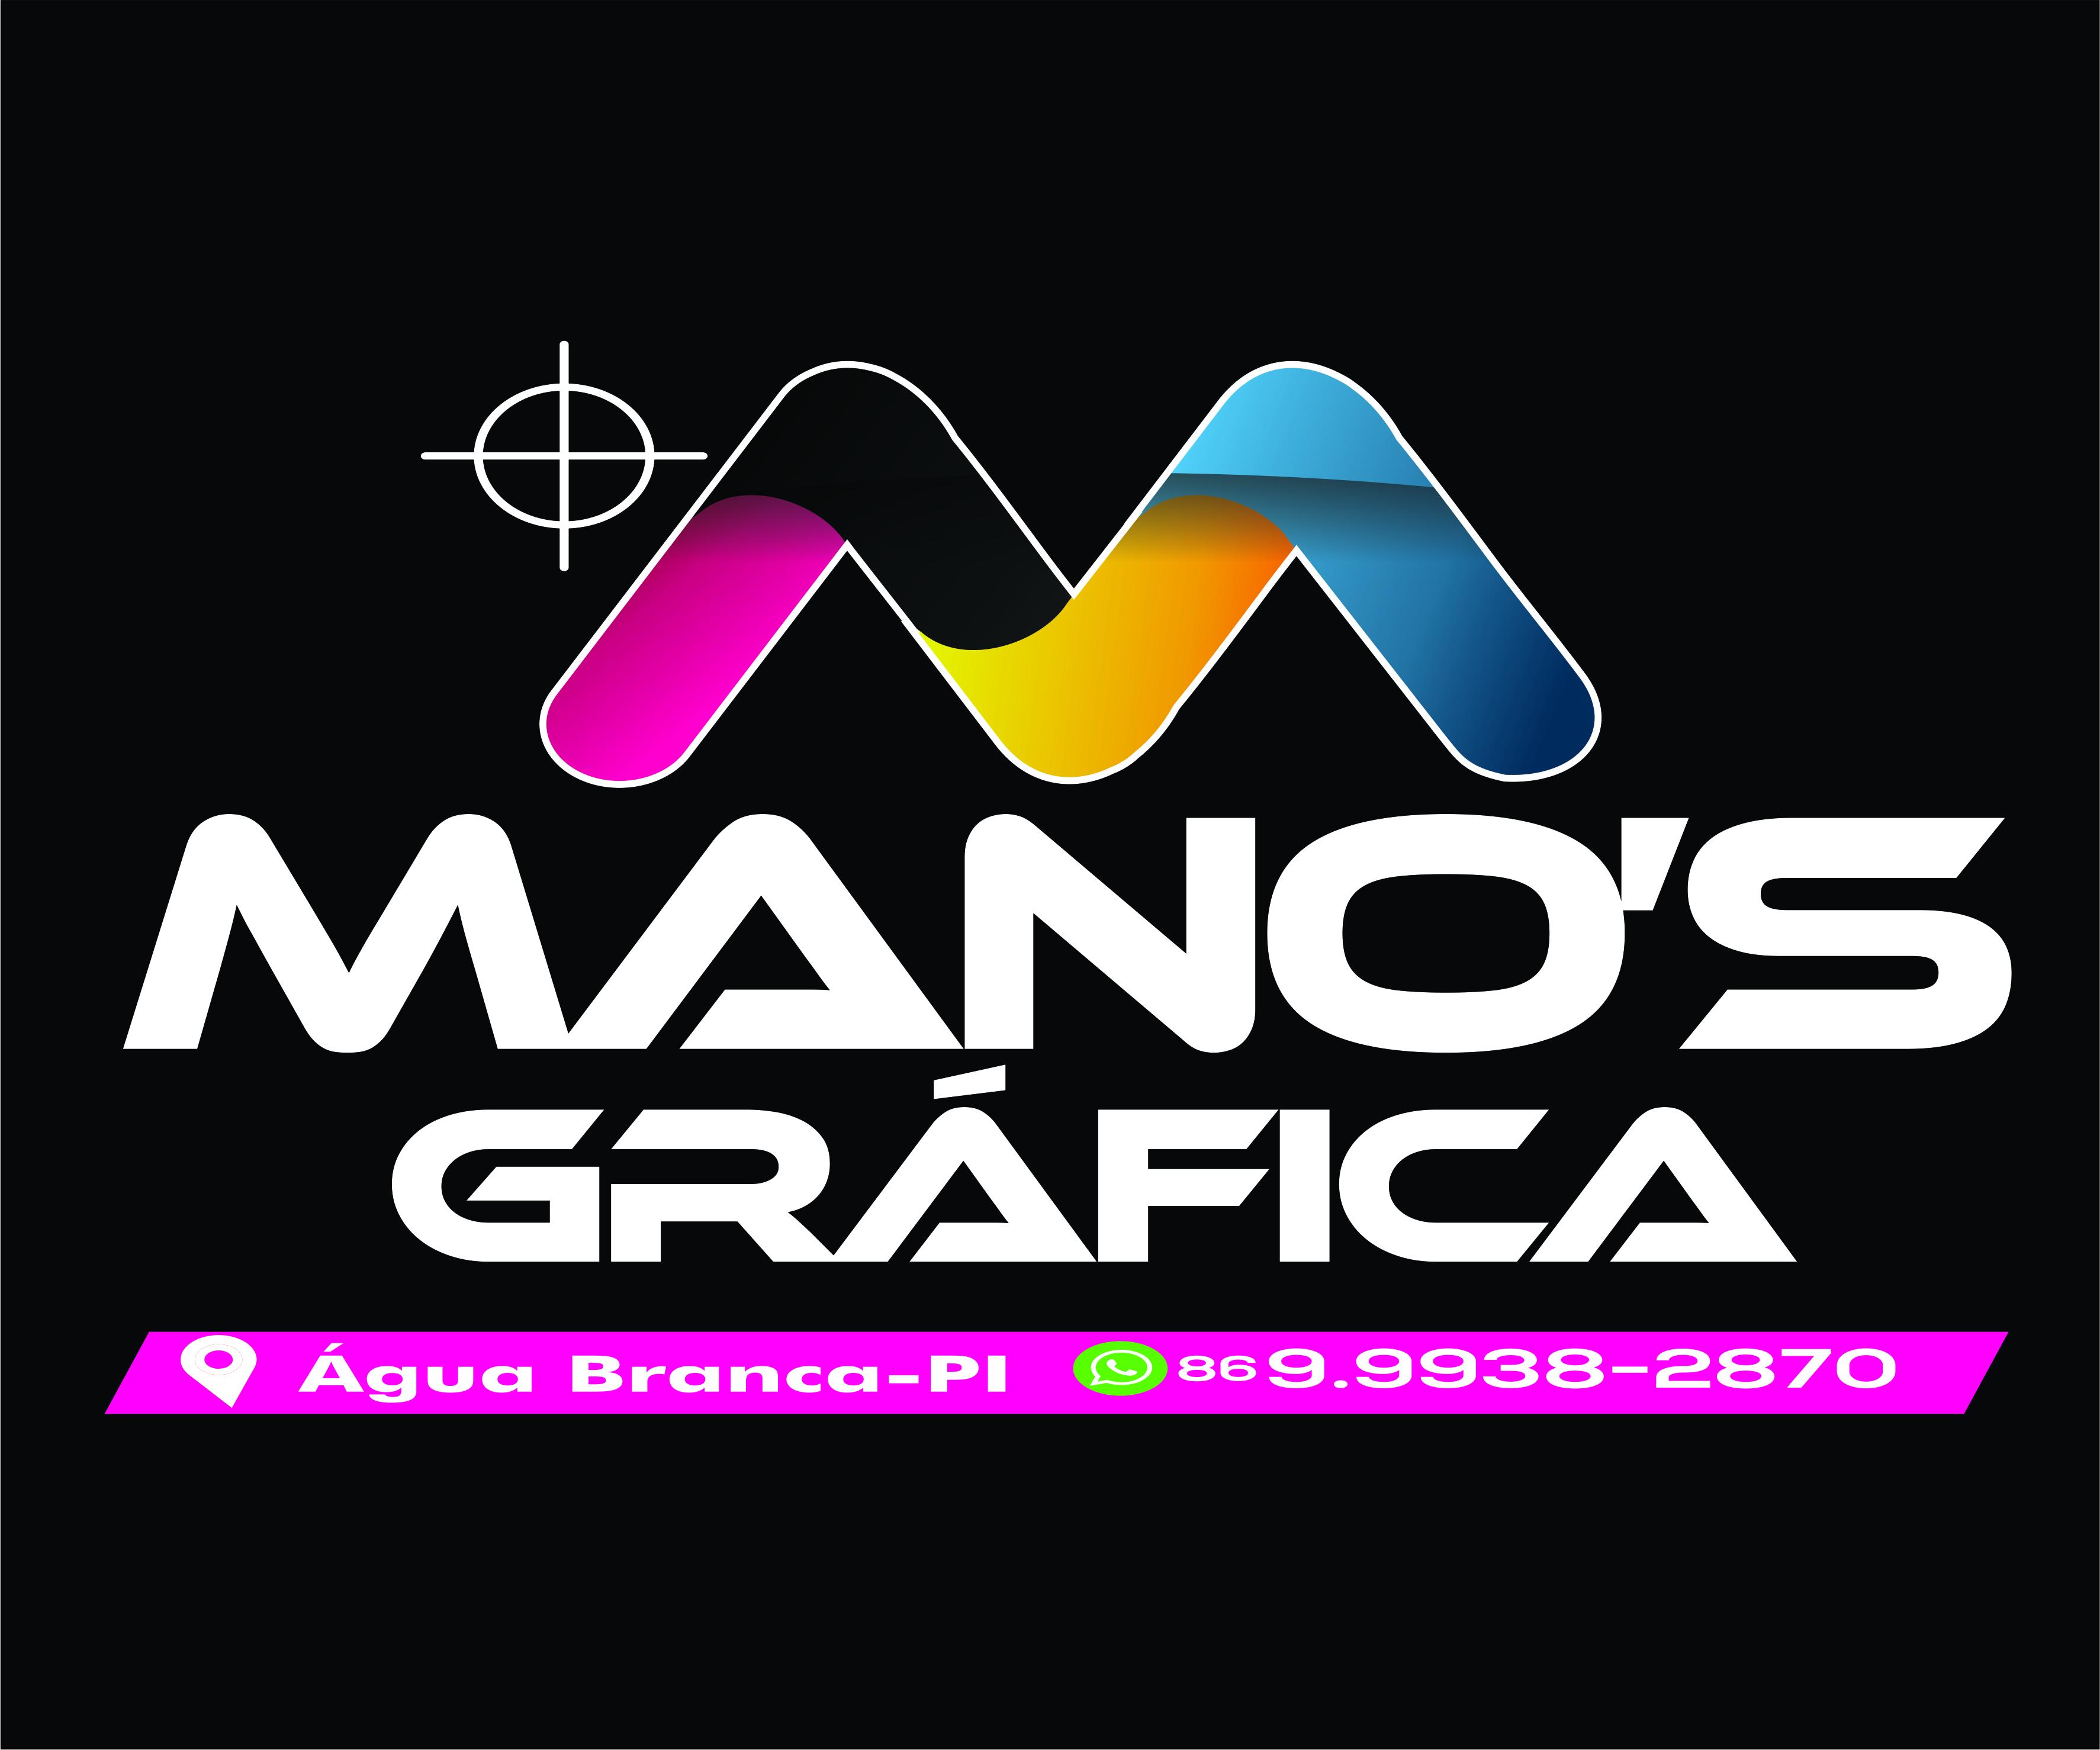 MANOS GRAFICA